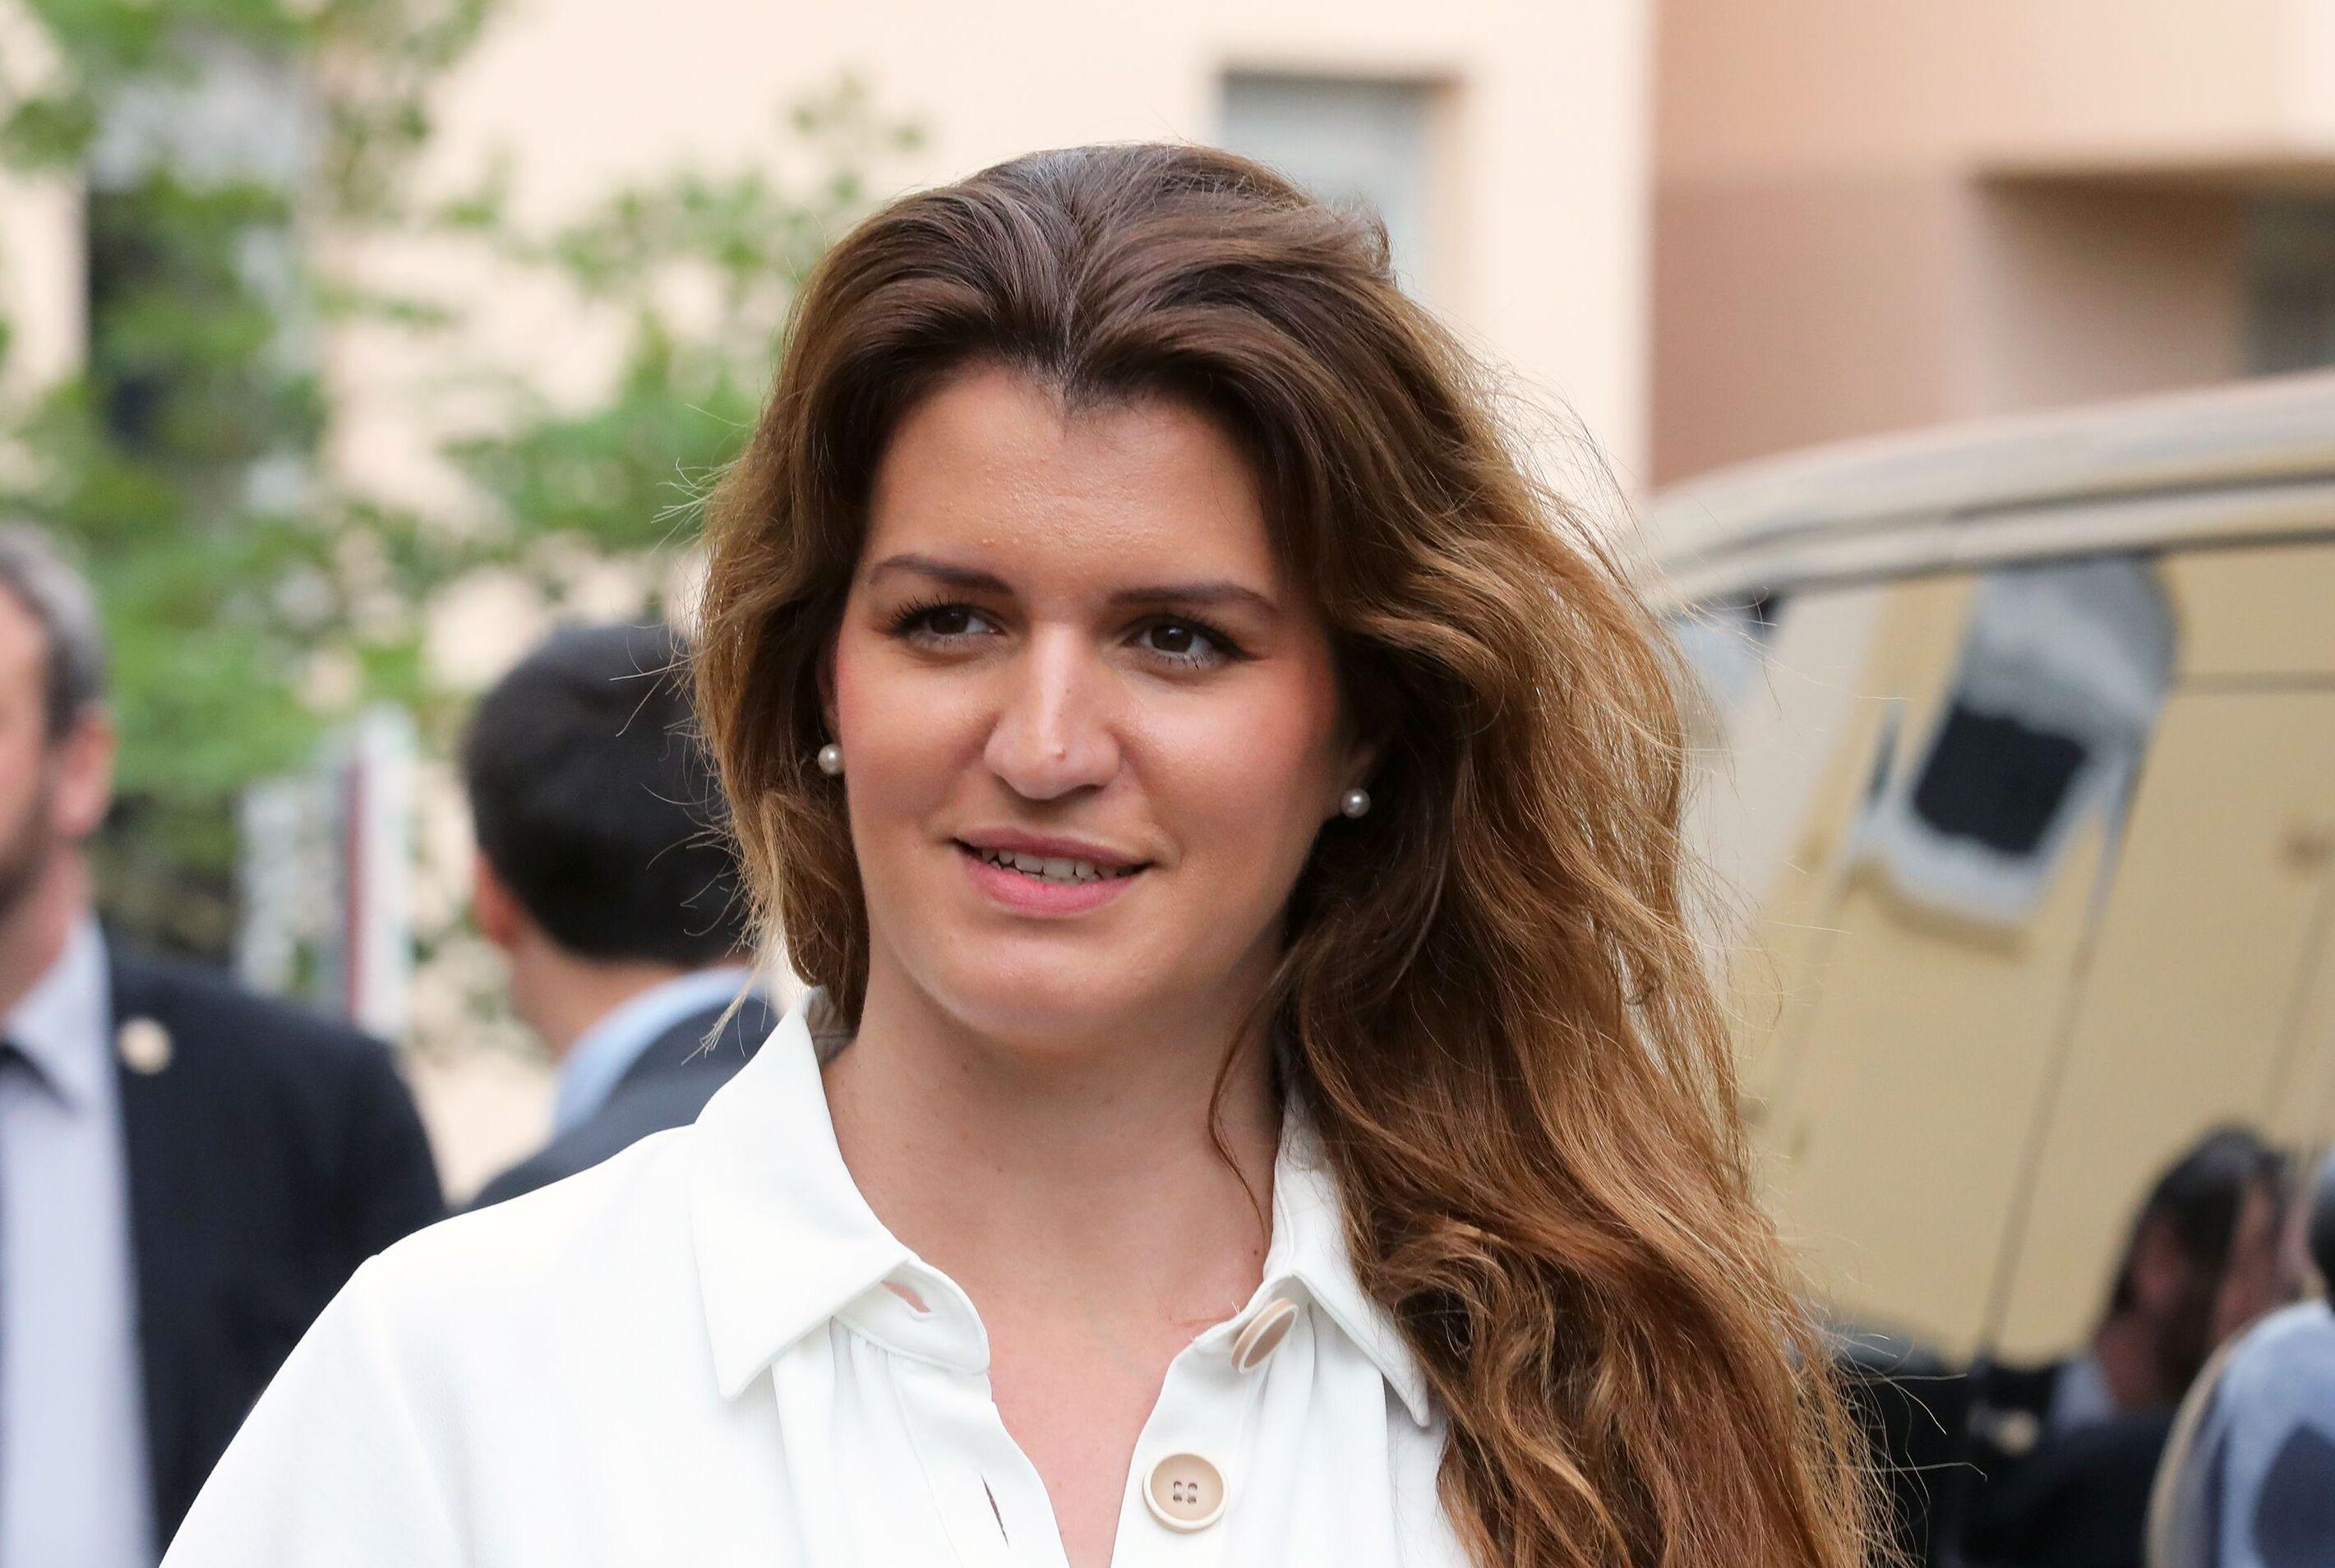 Balance ton post : Marlène Schiappa se moque de l'arrivée de Laurence Sailliet, elle réplique sévèrement